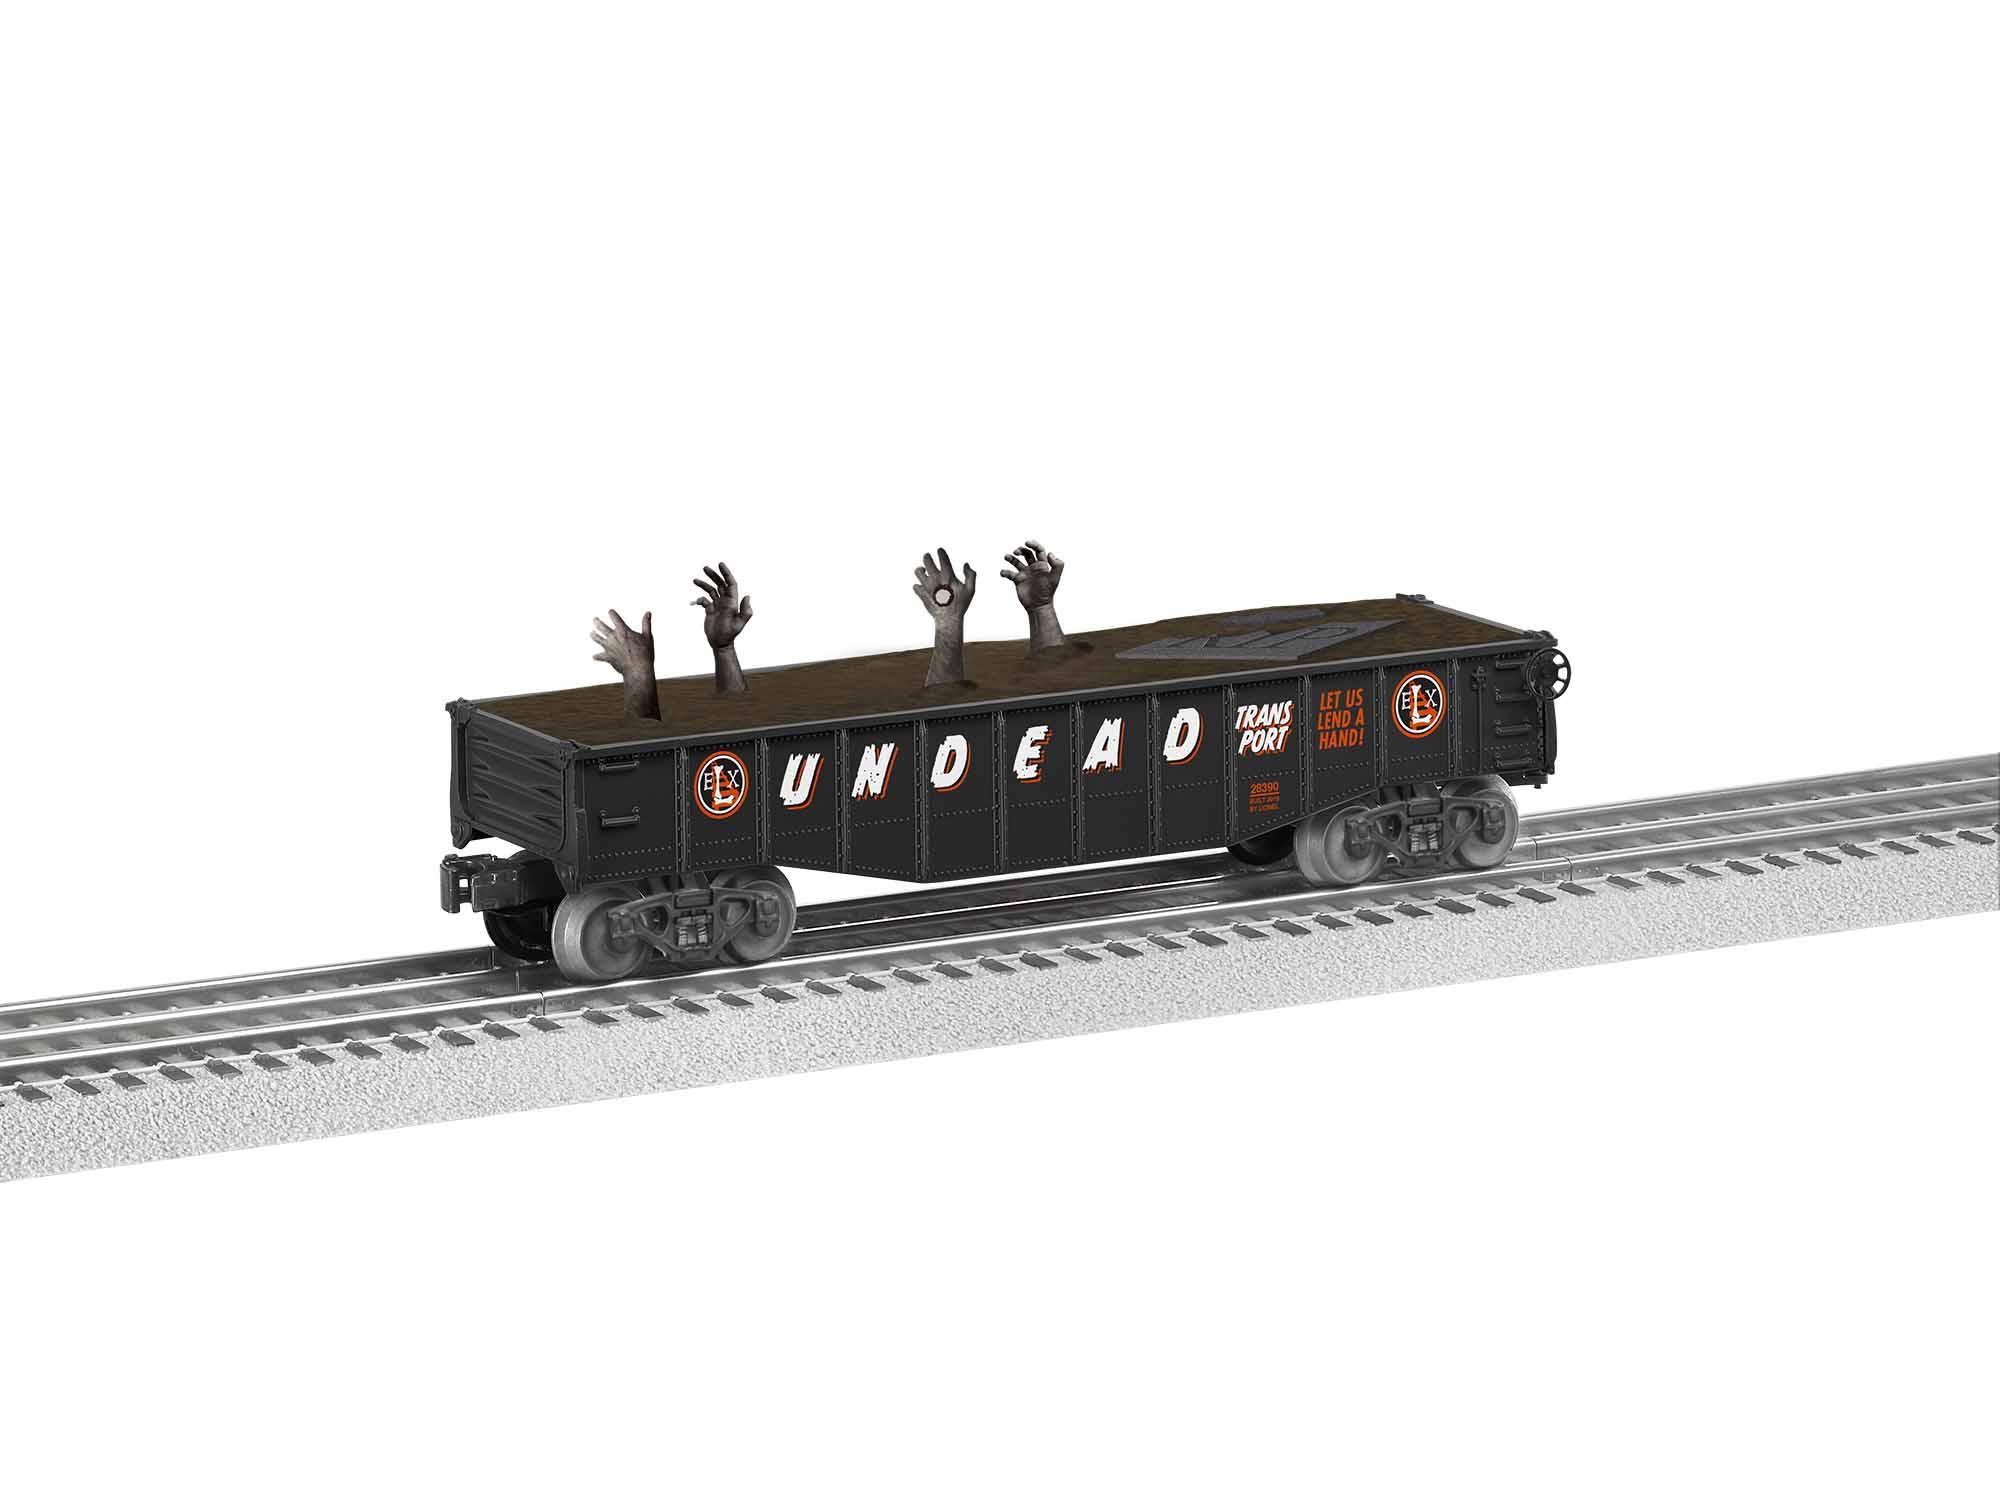 LNL1928390 Lionel O-27 Undead Gondola